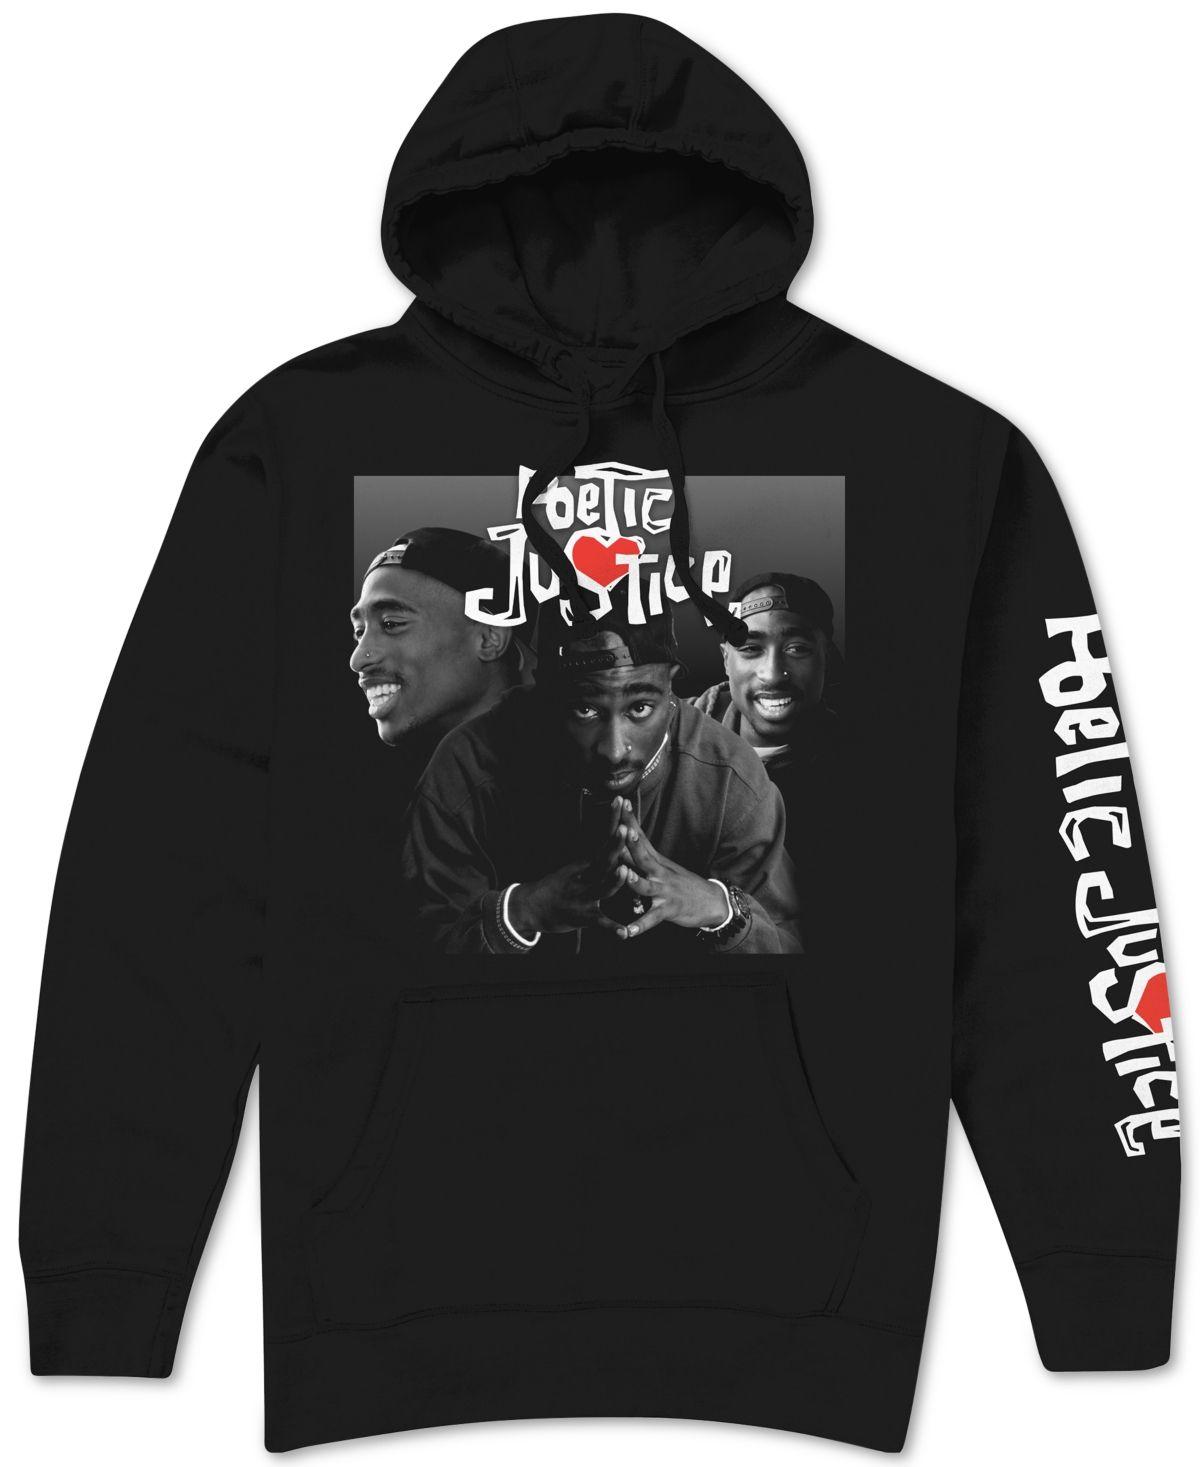 Poetic Justice Men S Hoodie Black Hoodies Men Hoodies Mens Sweatshirts